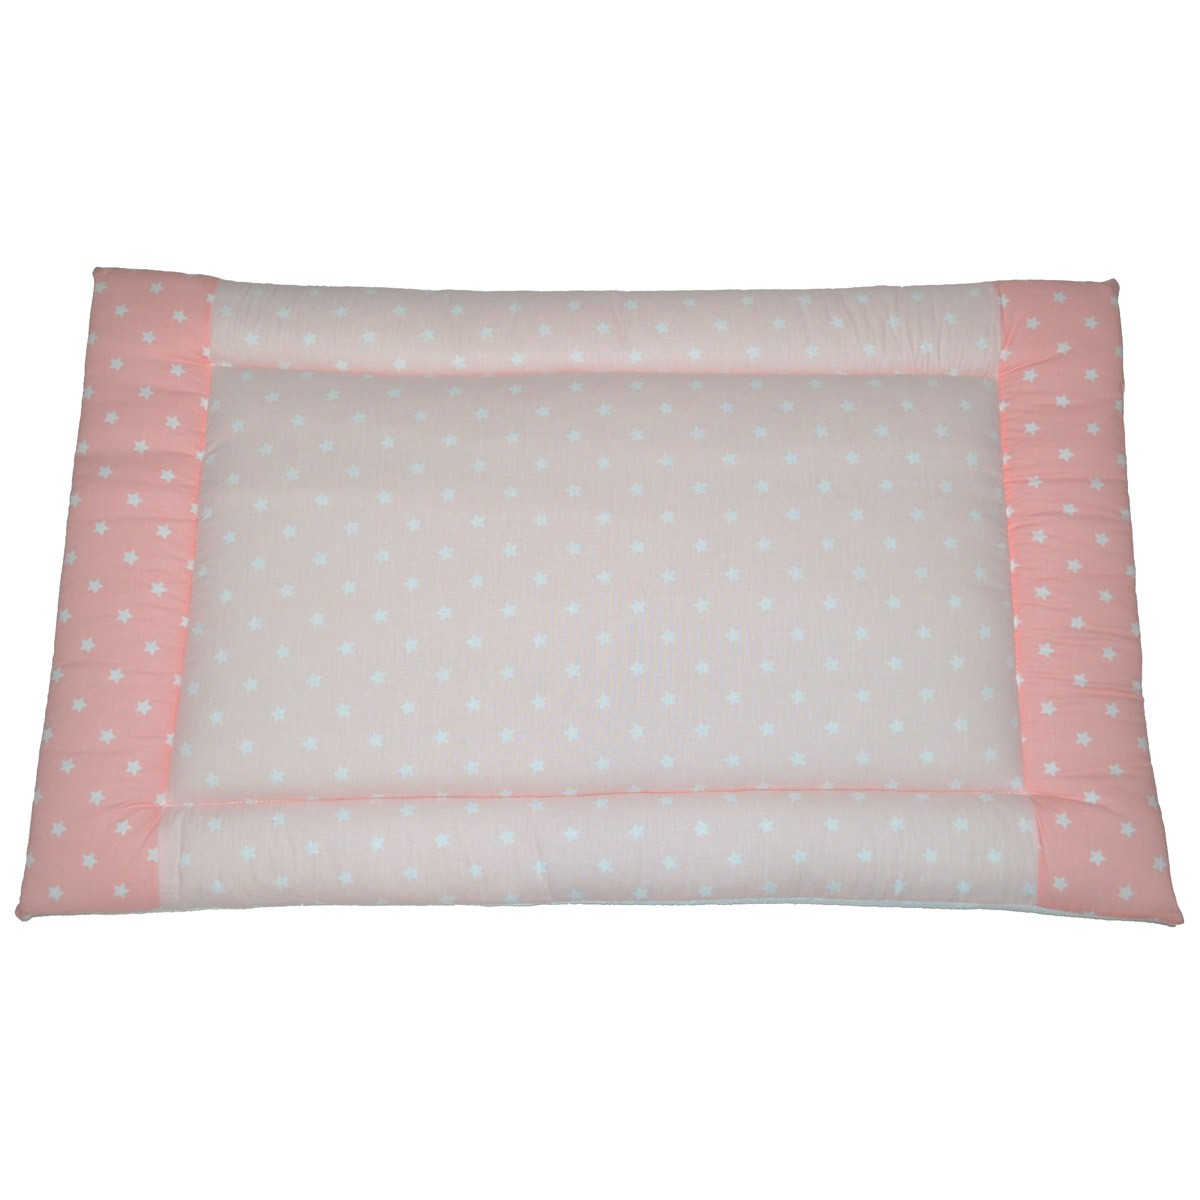 Κάλυμμα Αλλαξιέρας Κόσμος Του Μωρού 0696 Stars Ροζ